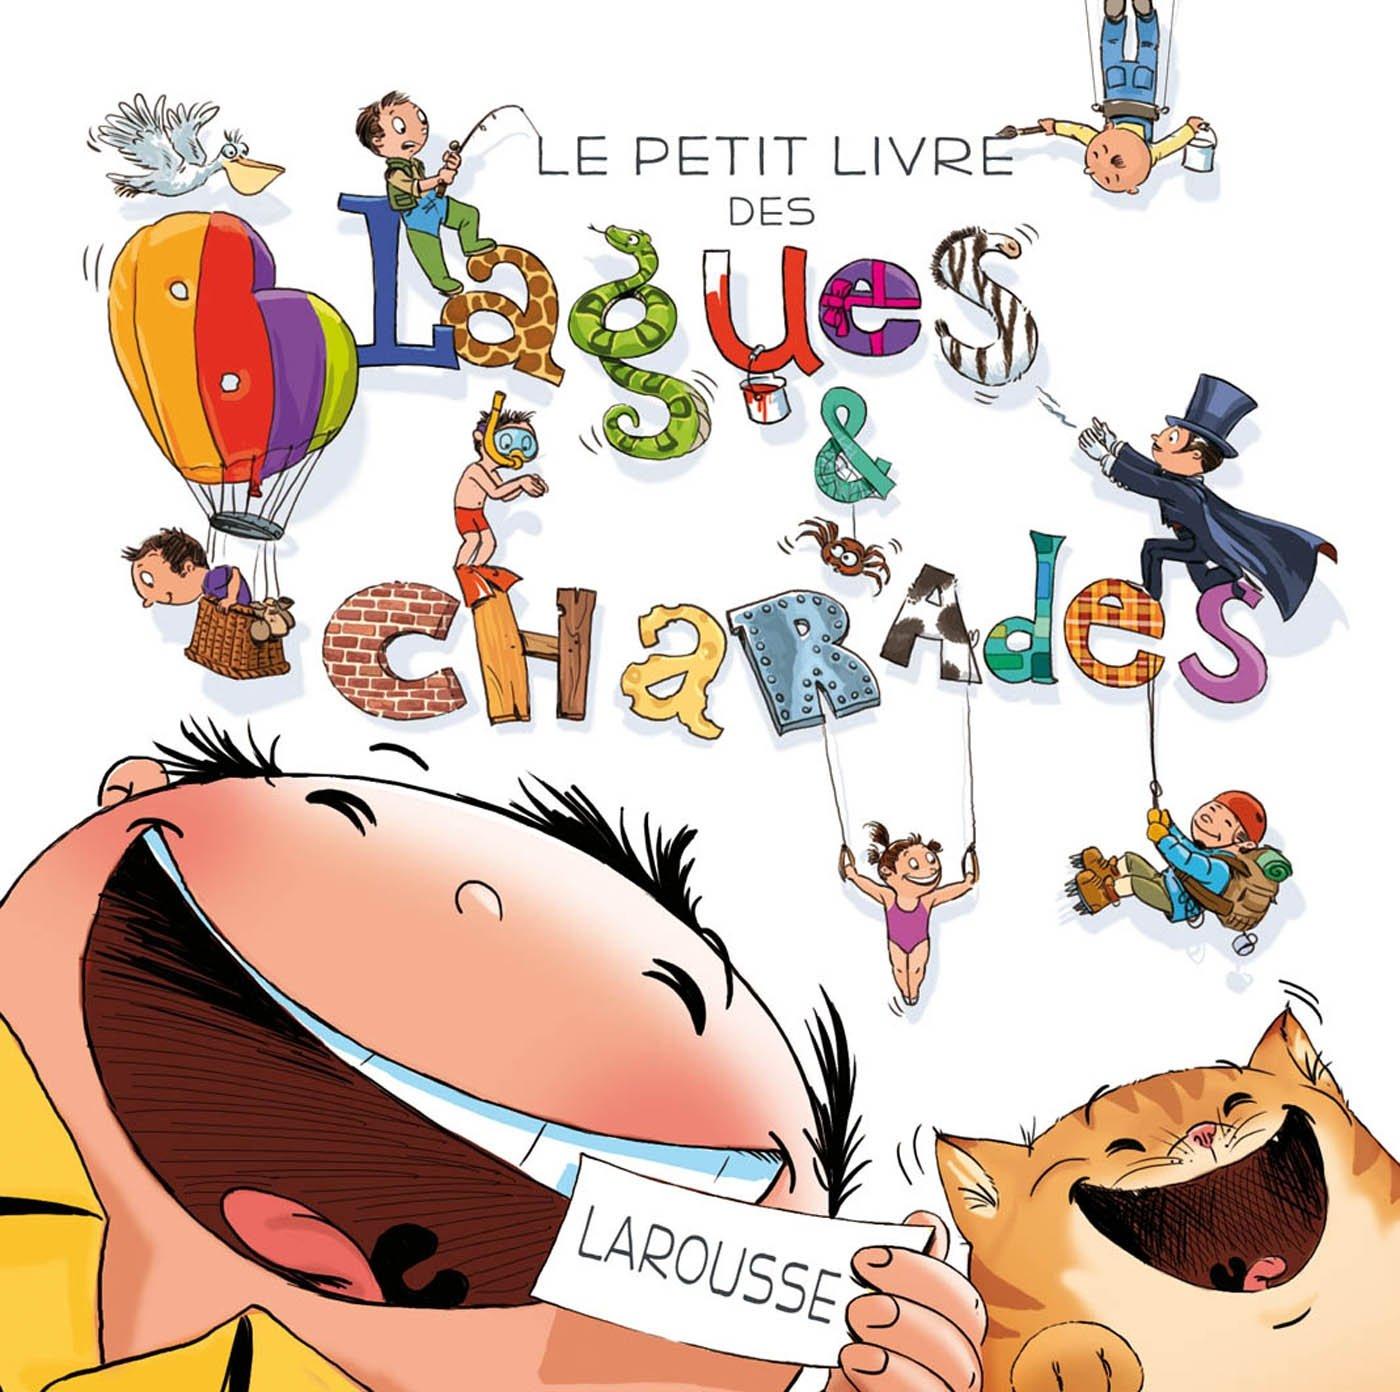 Le petit livre des blagues & charades Broché – 20 juin 2012 Clémence Roux Célia Gallais Michèle Lecreux Larousse